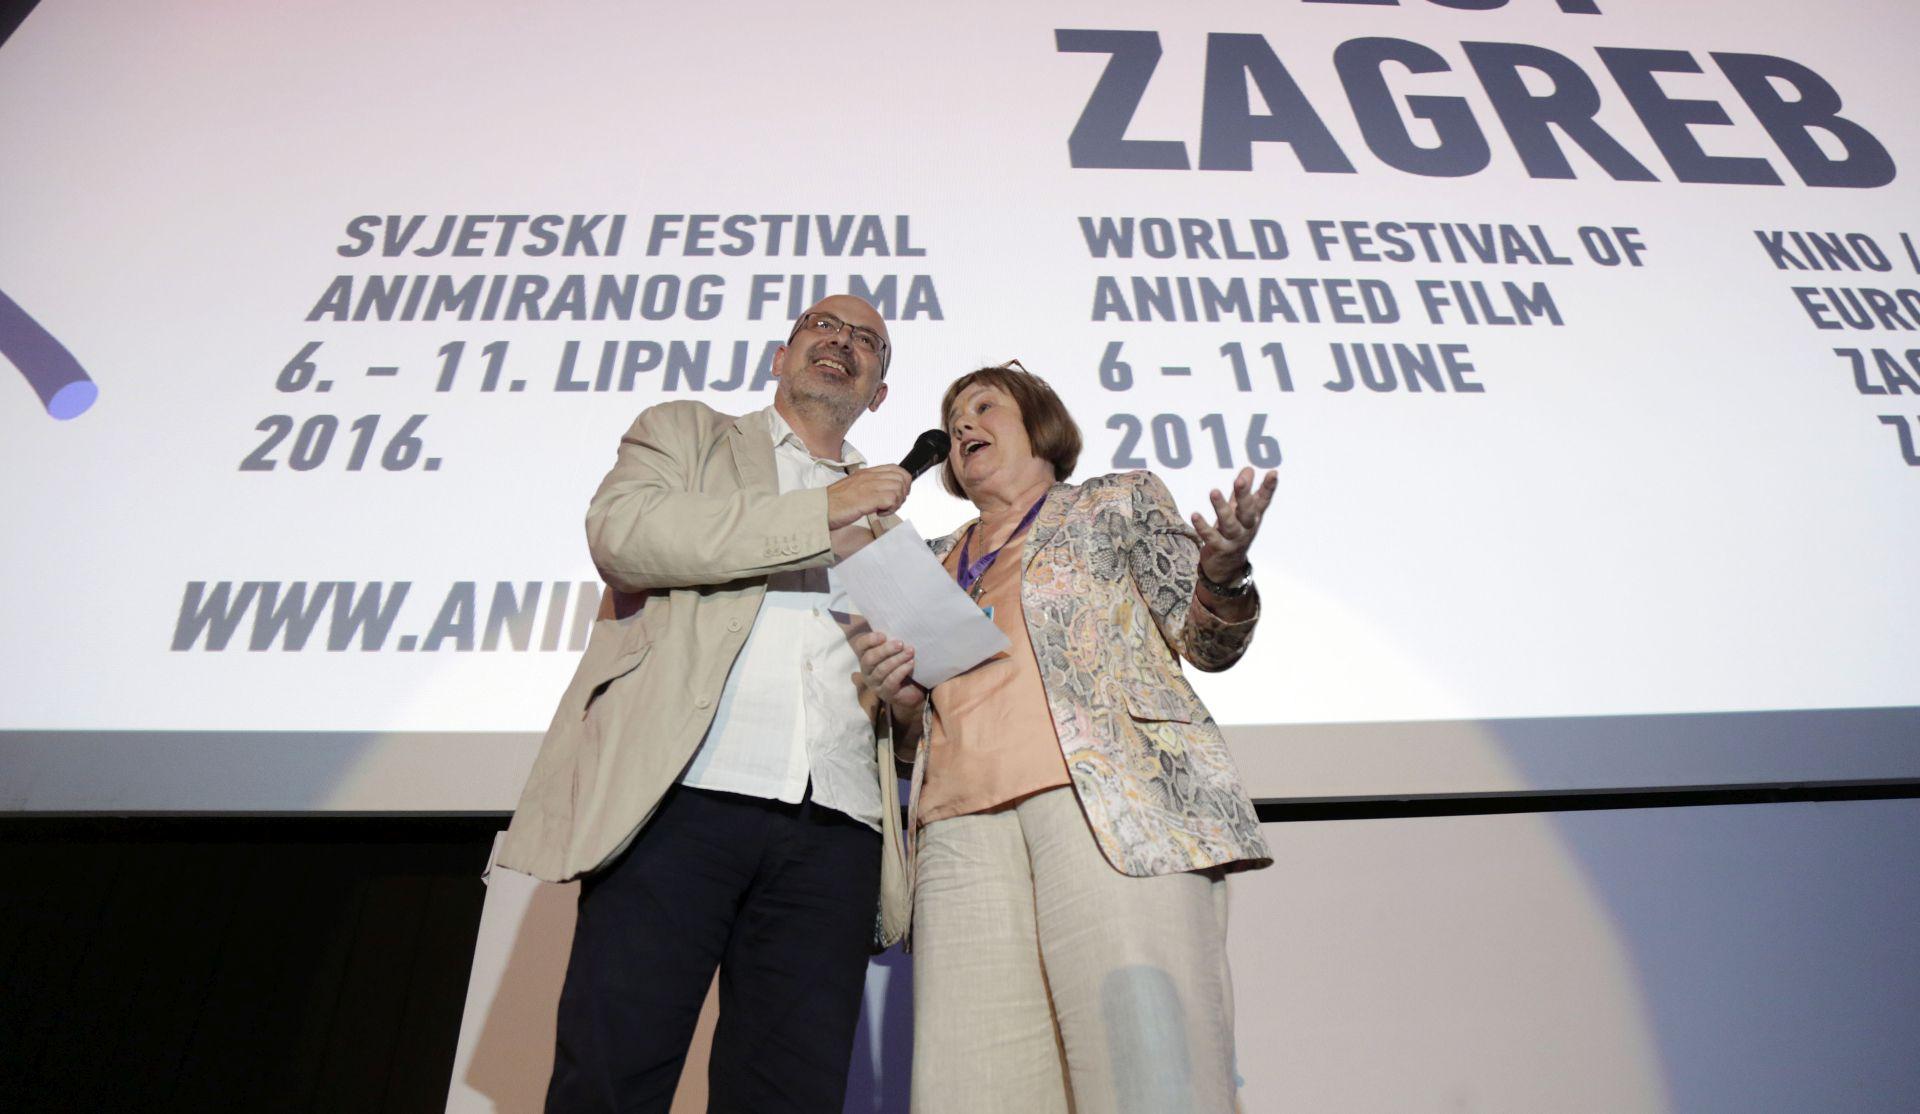 ANIMAFEST Otvoren Svjetski festival animiranog filma